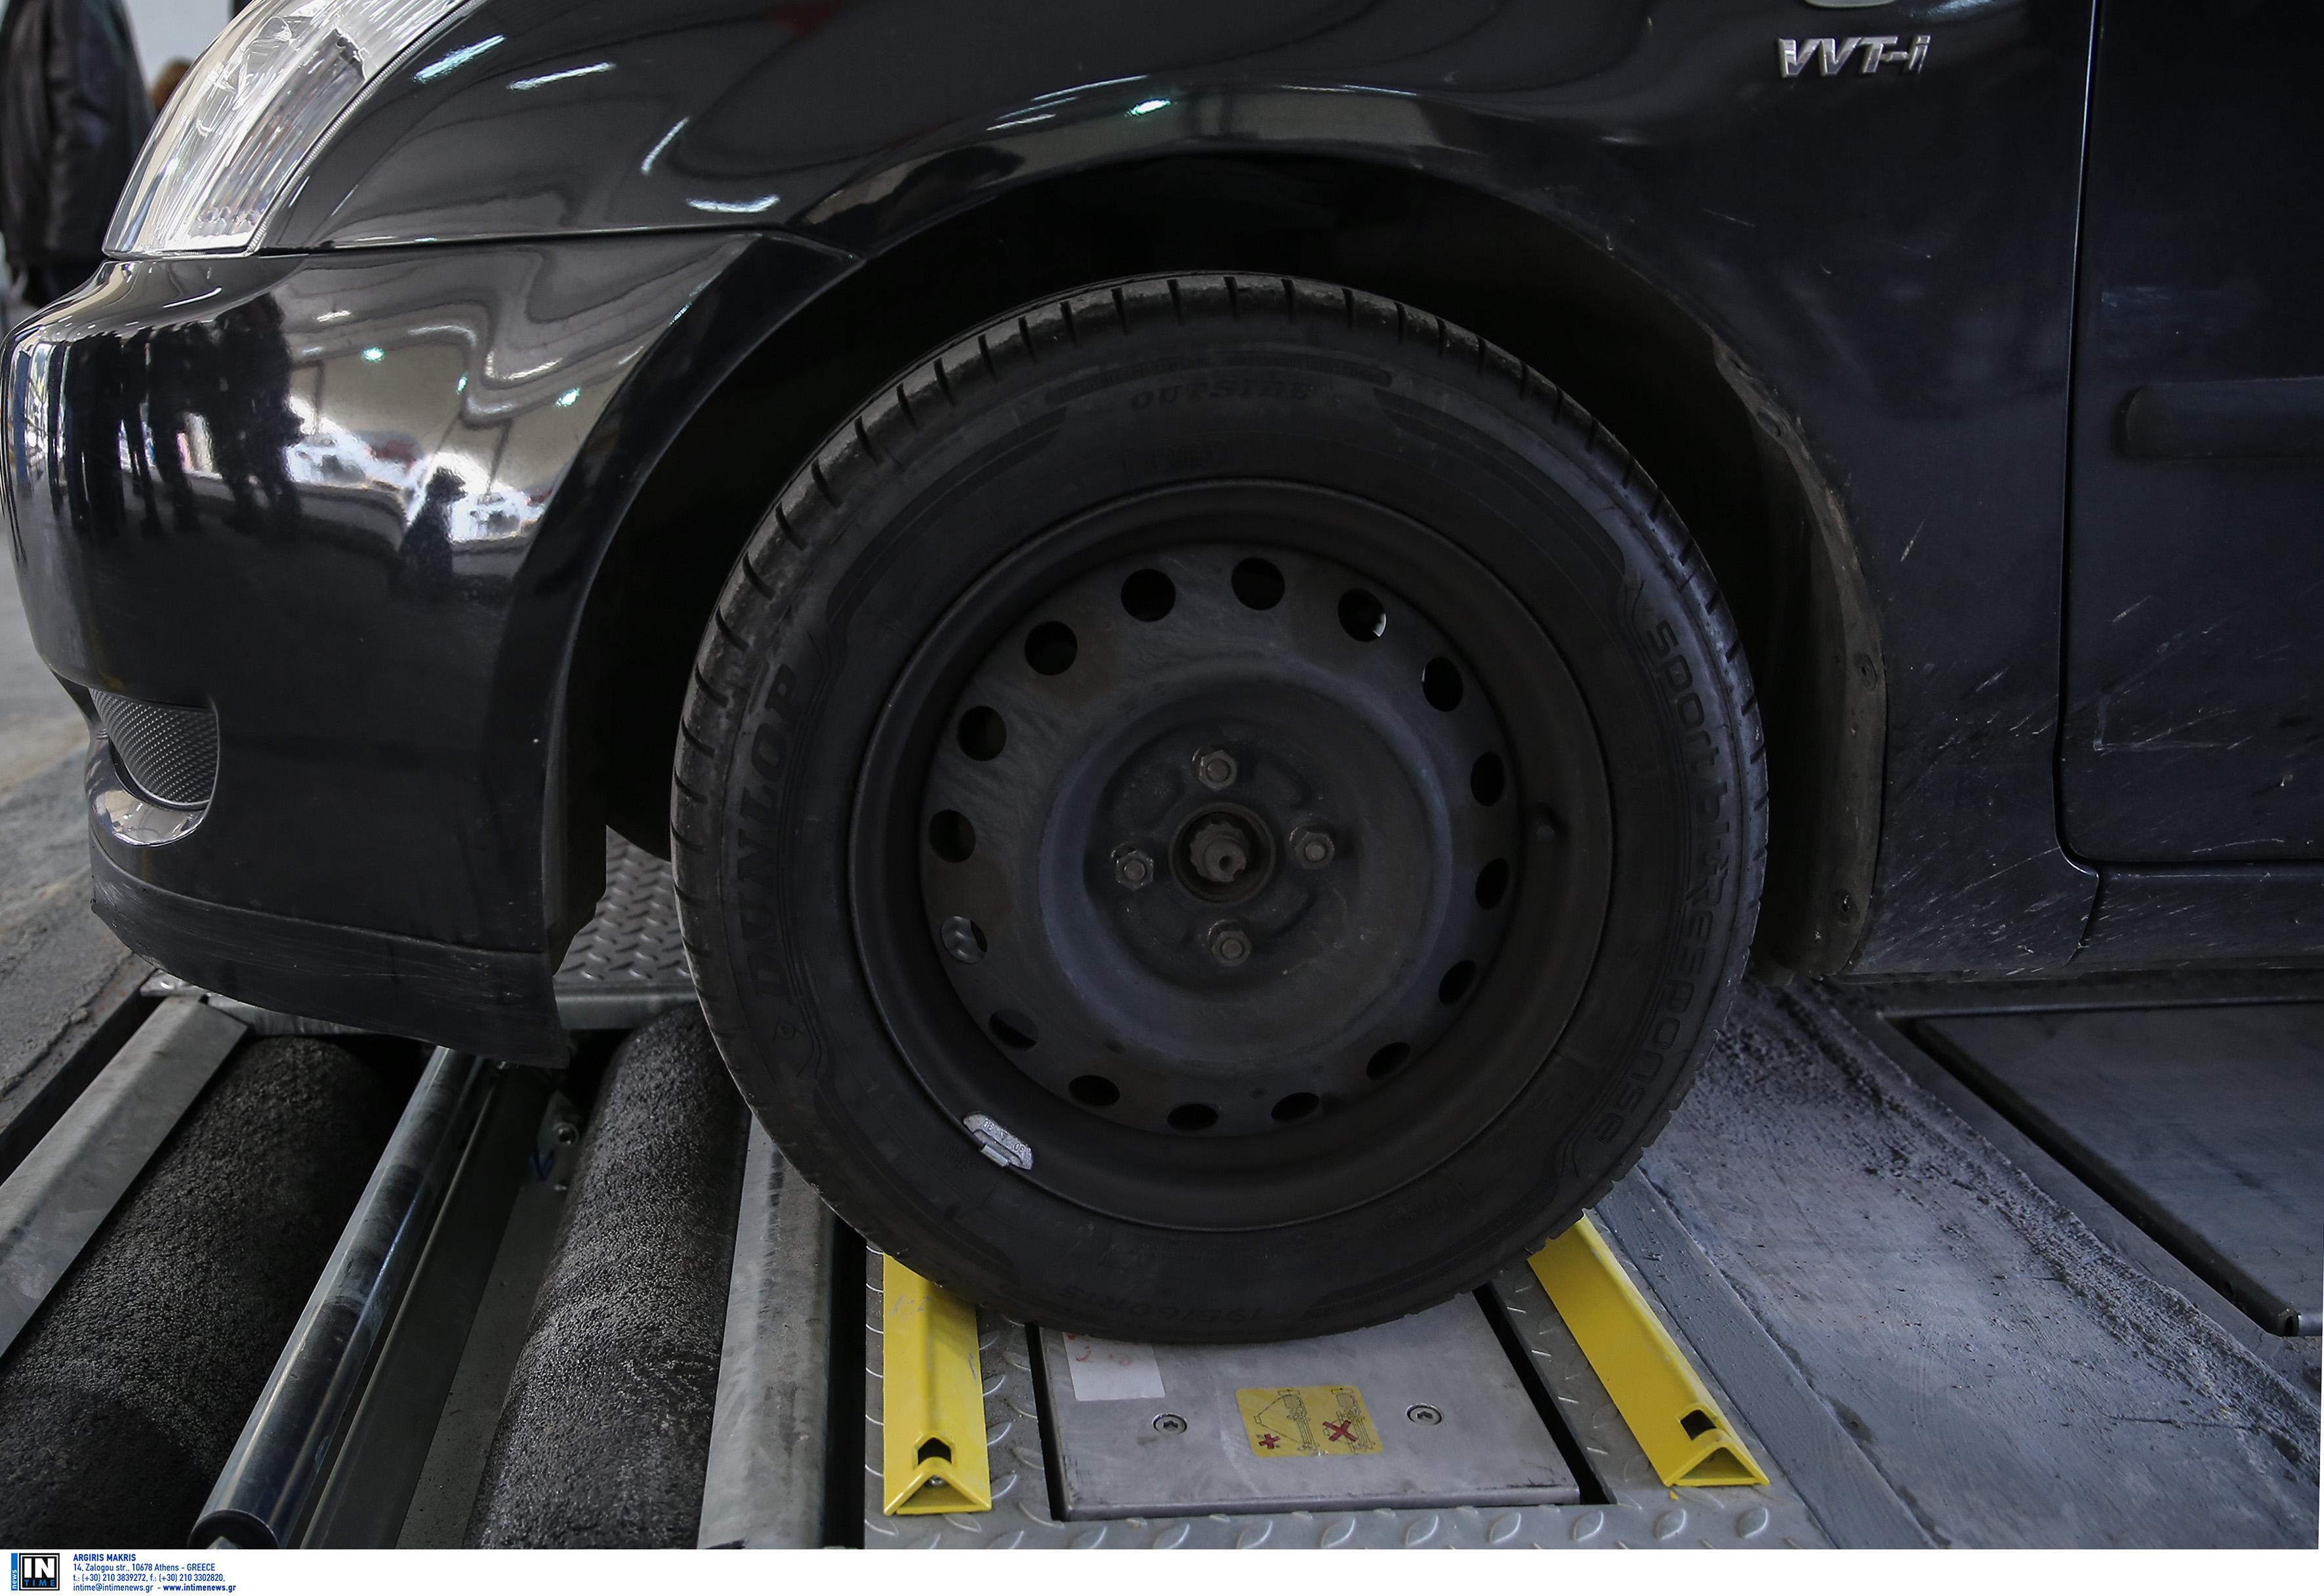 Πάτρα: Πήγαν να περάσουν από ΚΤΕΟ το αυτοκίνητό τους και έμειναν στήλη άλατος!